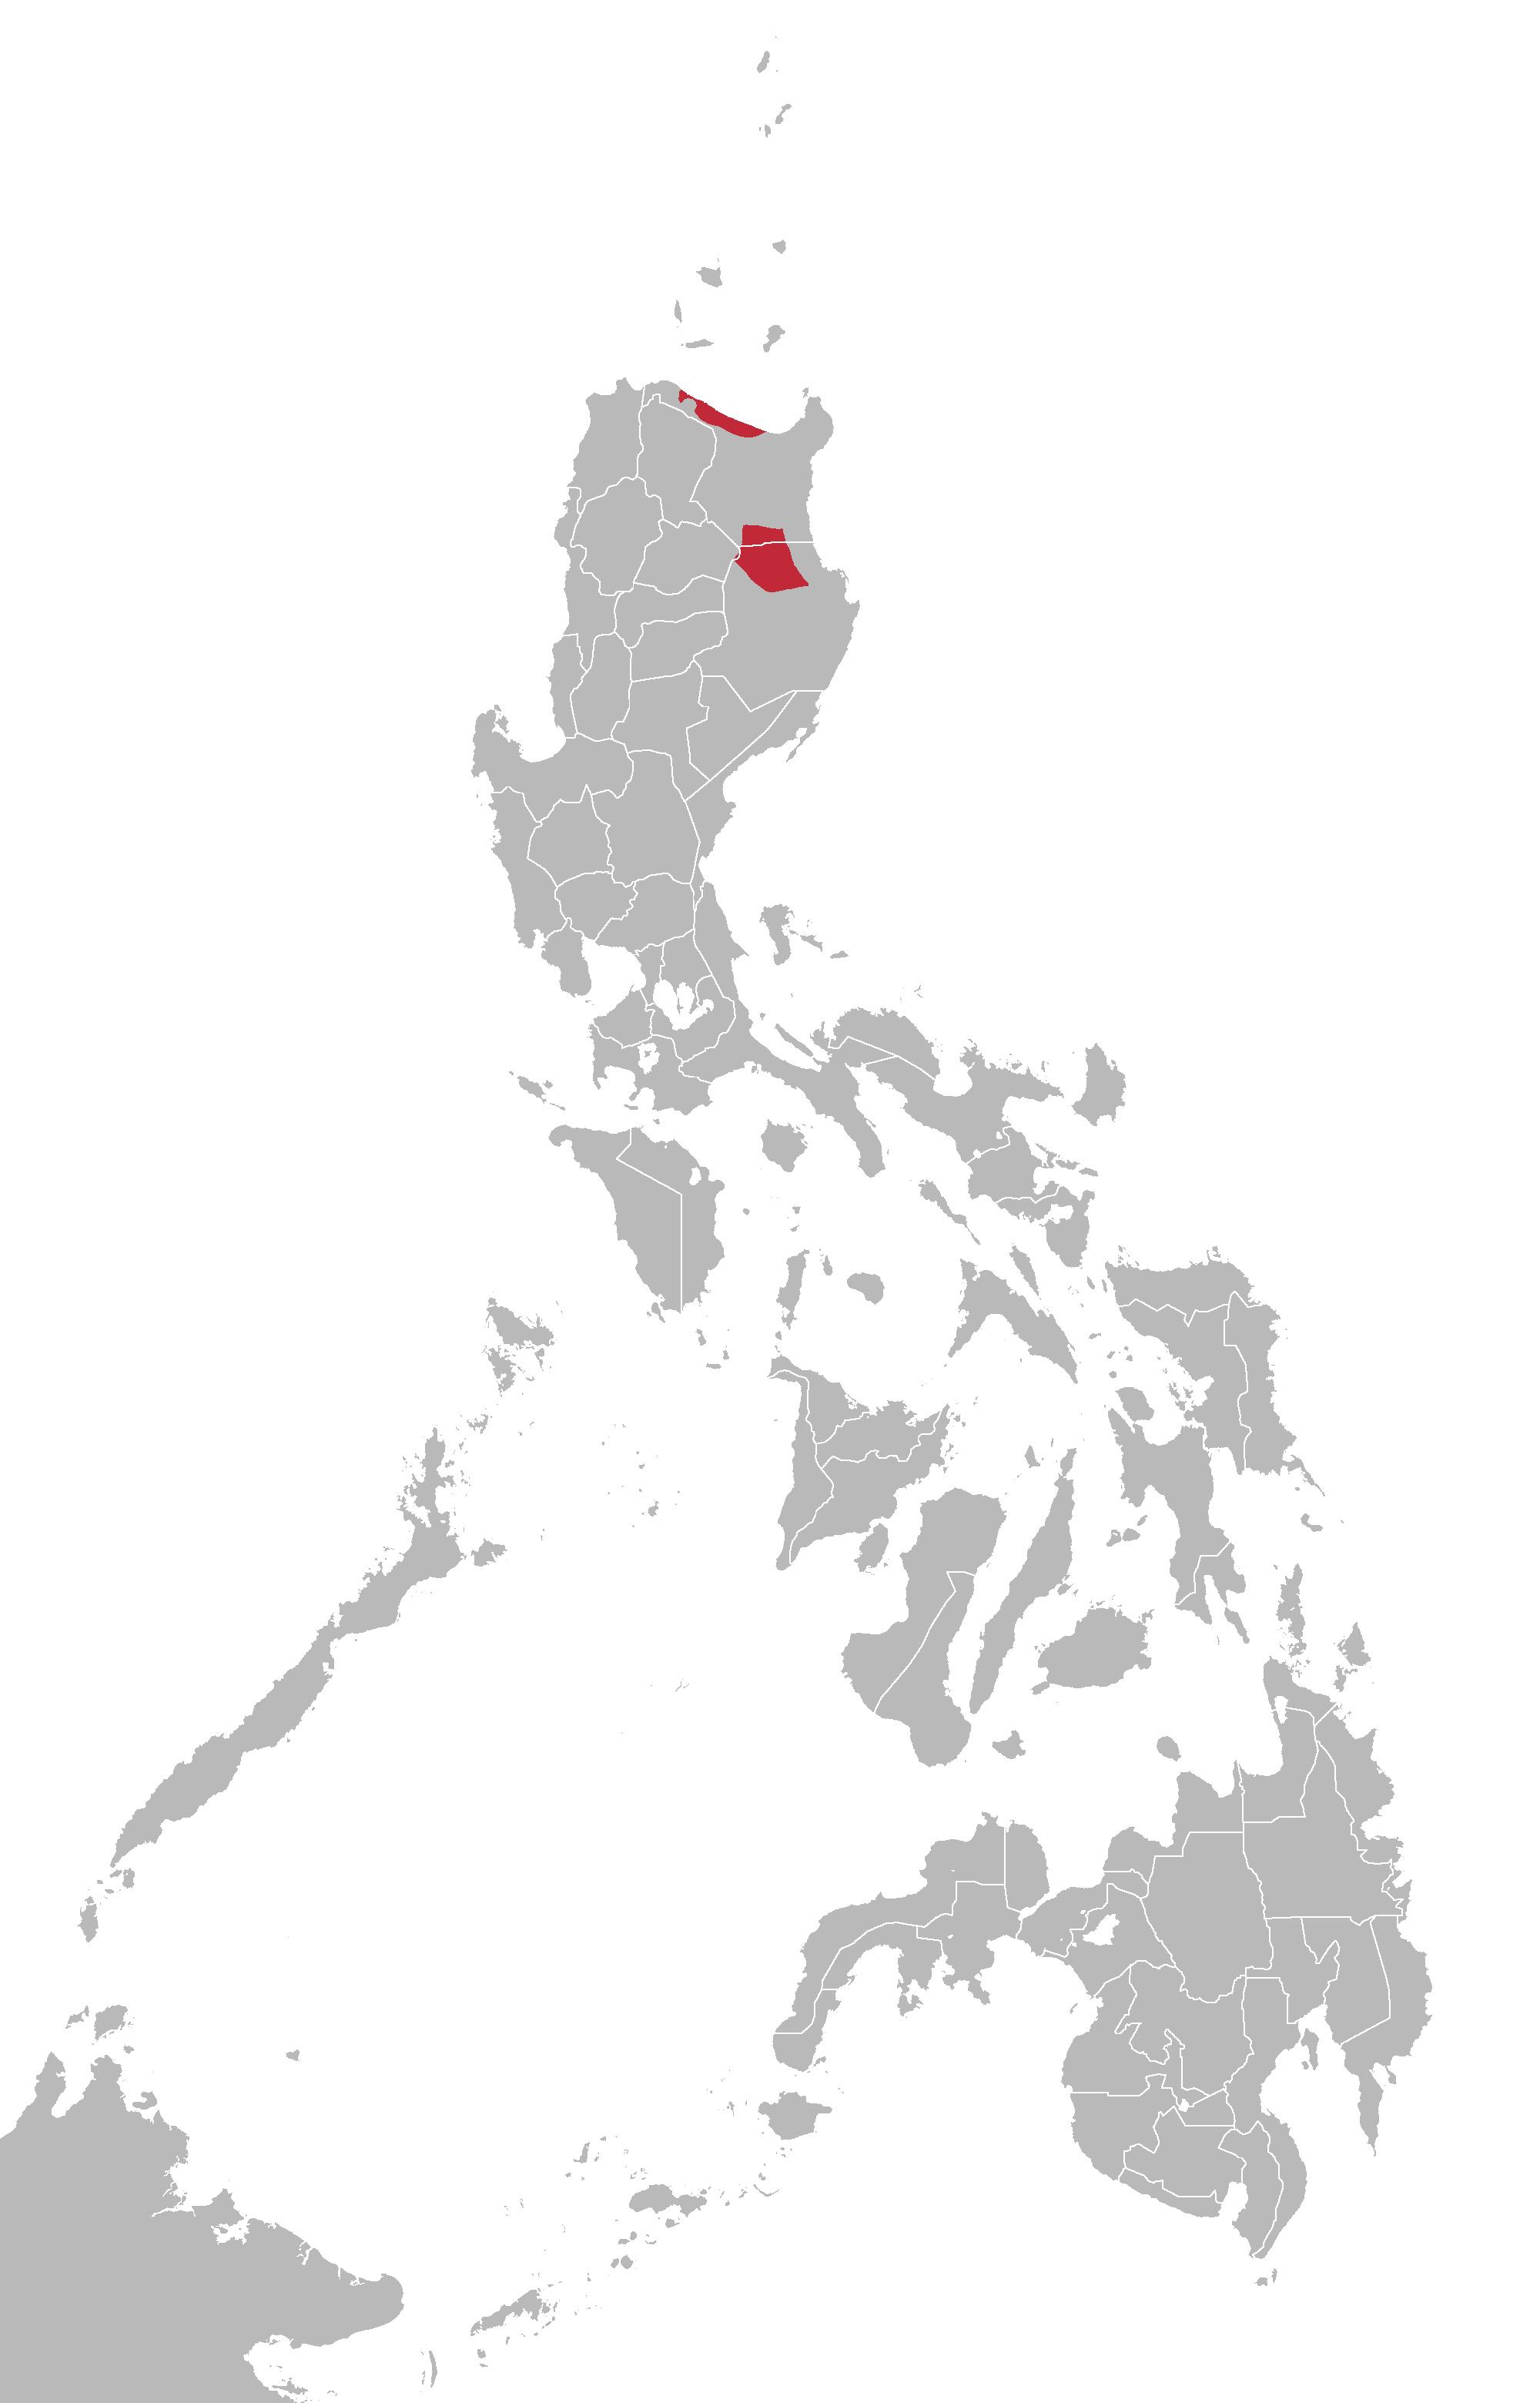 Ibanag language - Wikipedia